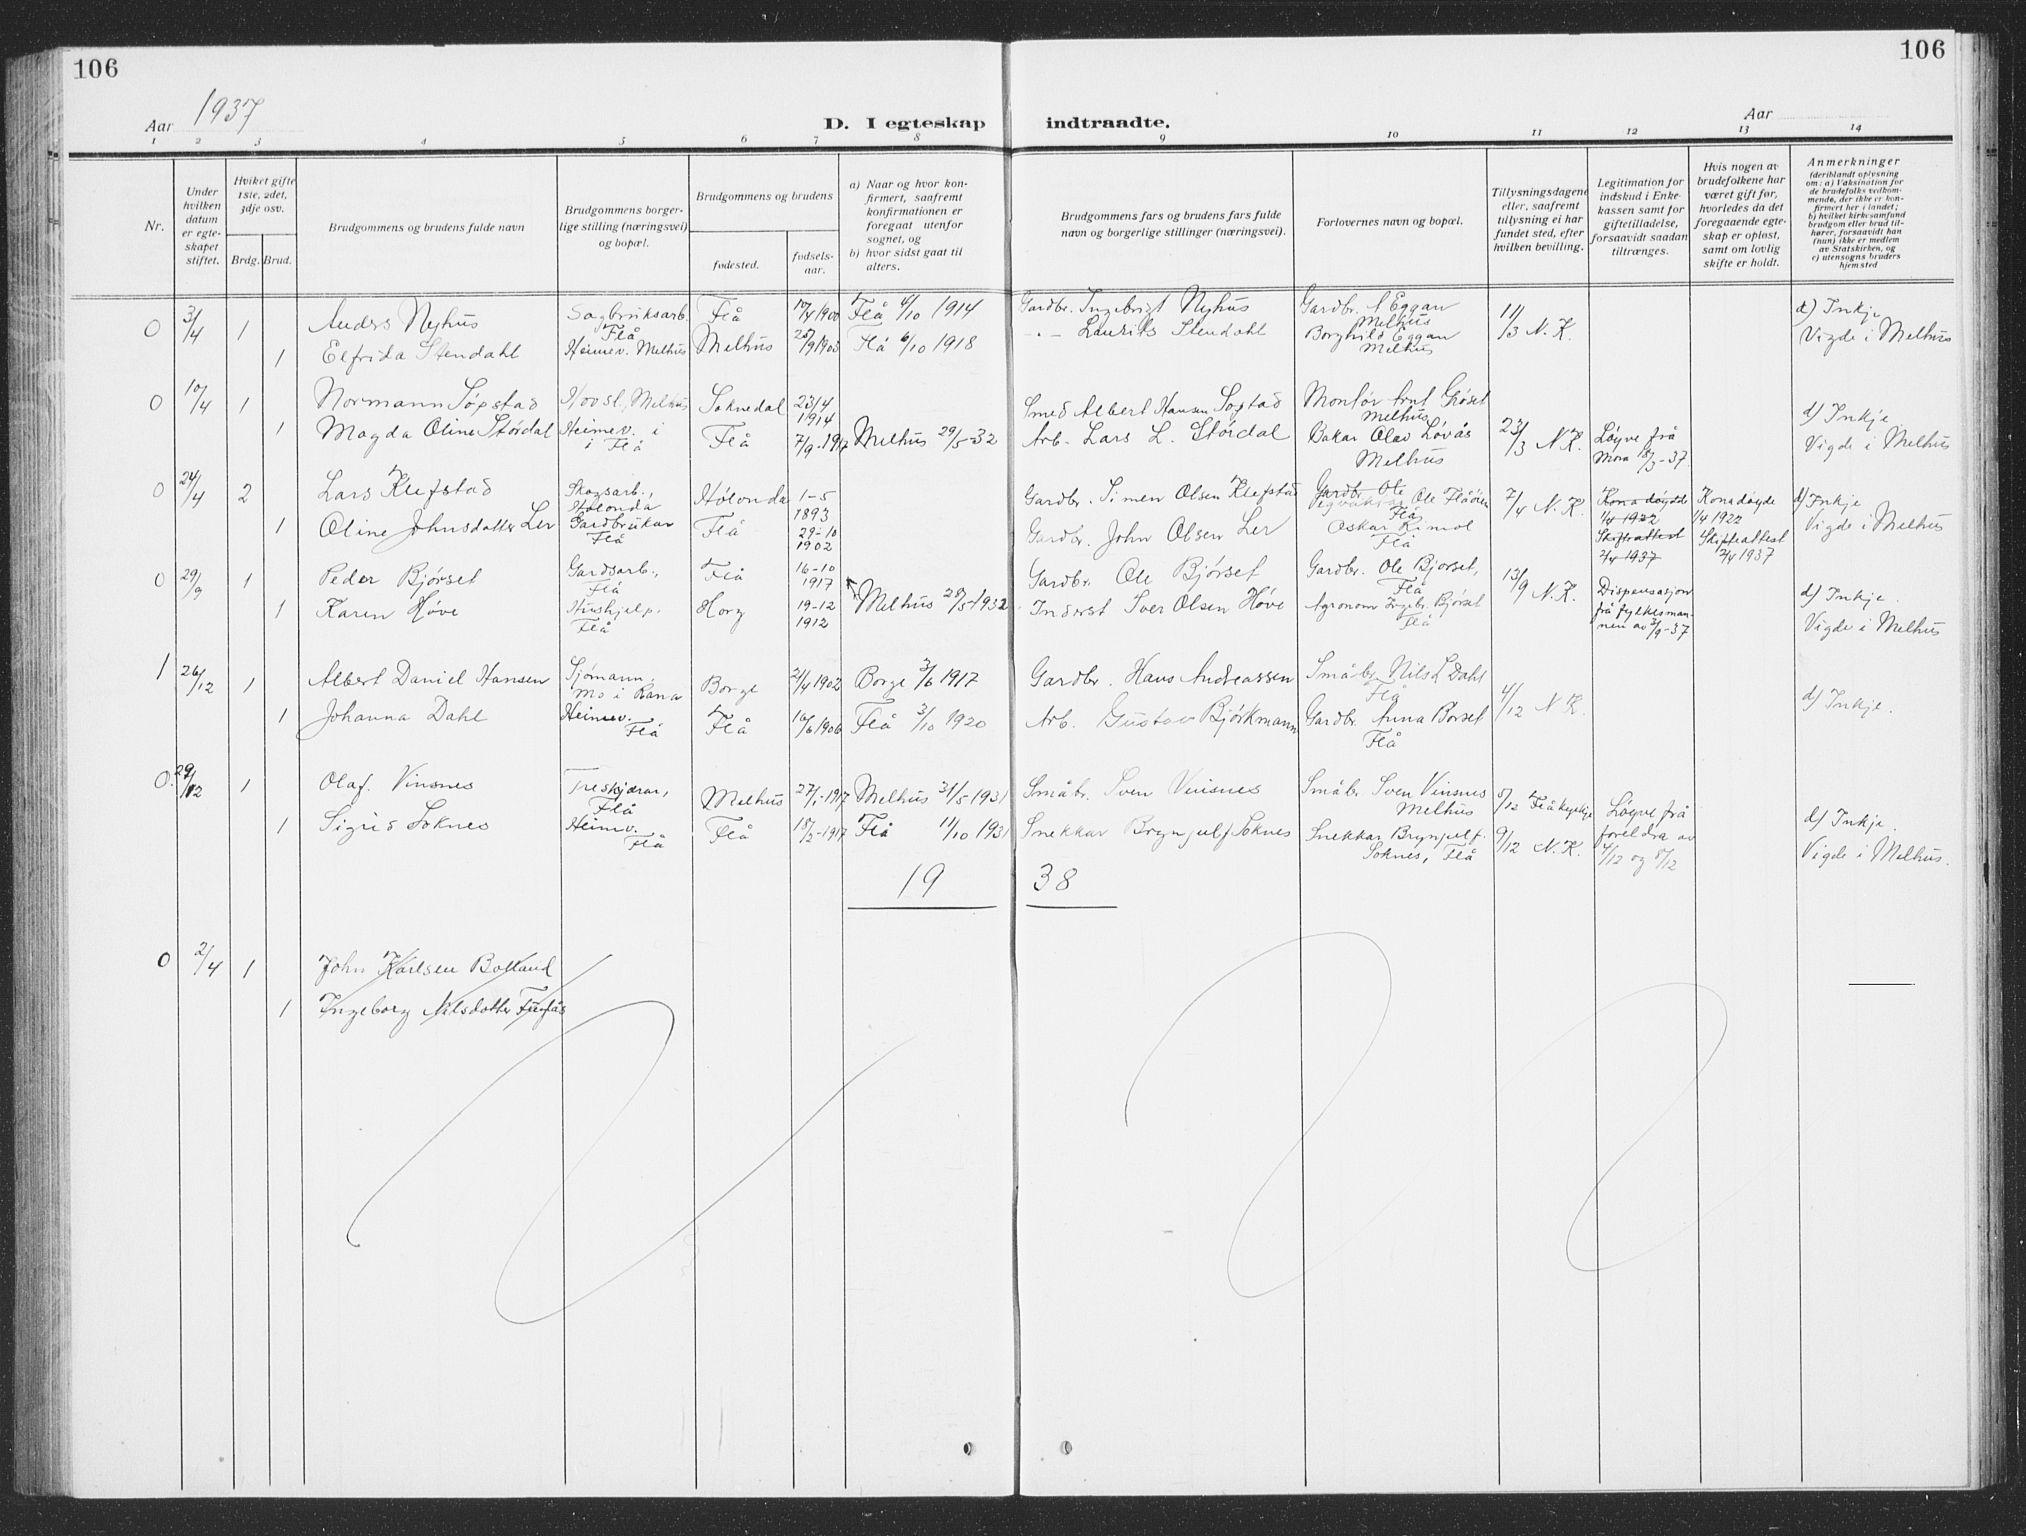 SAT, Ministerialprotokoller, klokkerbøker og fødselsregistre - Sør-Trøndelag, 693/L1124: Klokkerbok nr. 693C05, 1911-1941, s. 106